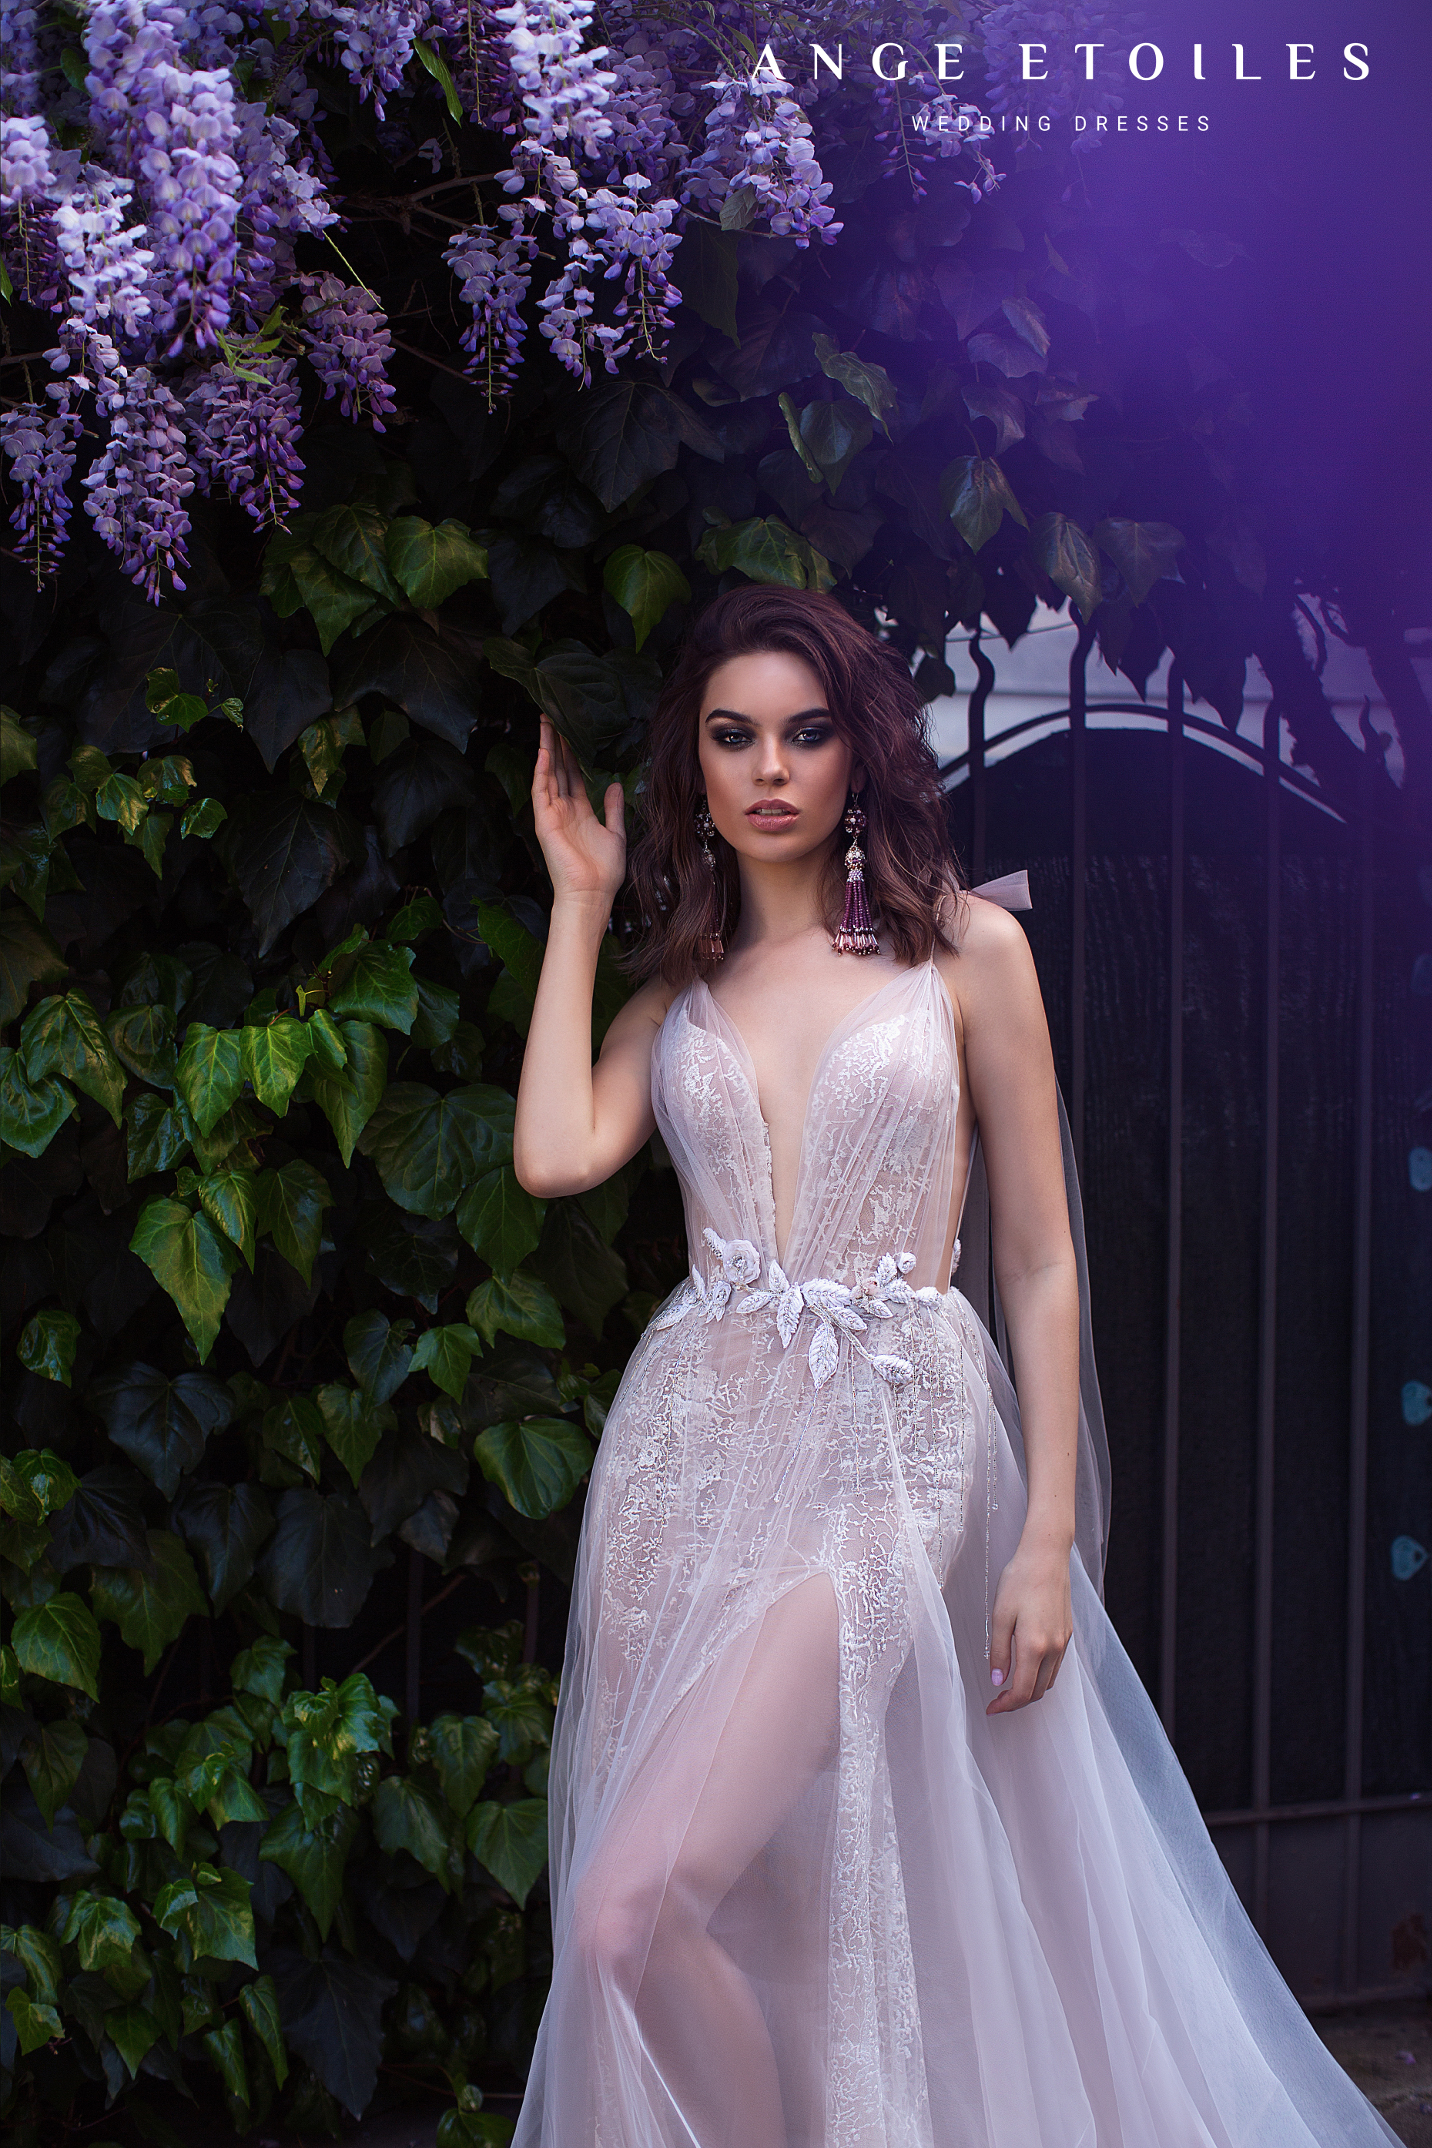 vestuvine-suknele-ange-etoiles-afina-3